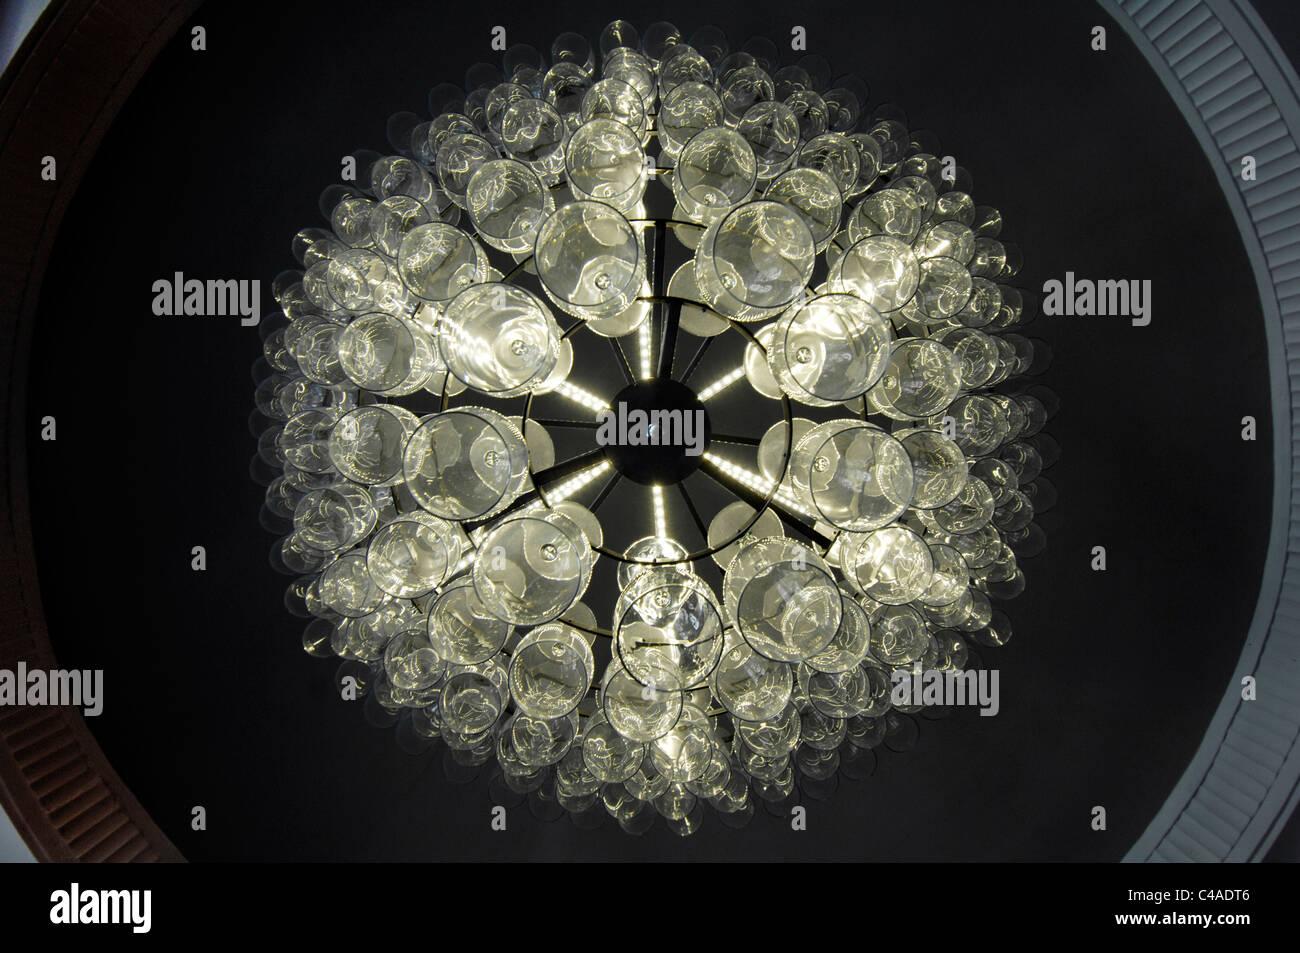 Un lampadario fatto da bicchieri da vino, visto dal di sotto. Immagini Stock